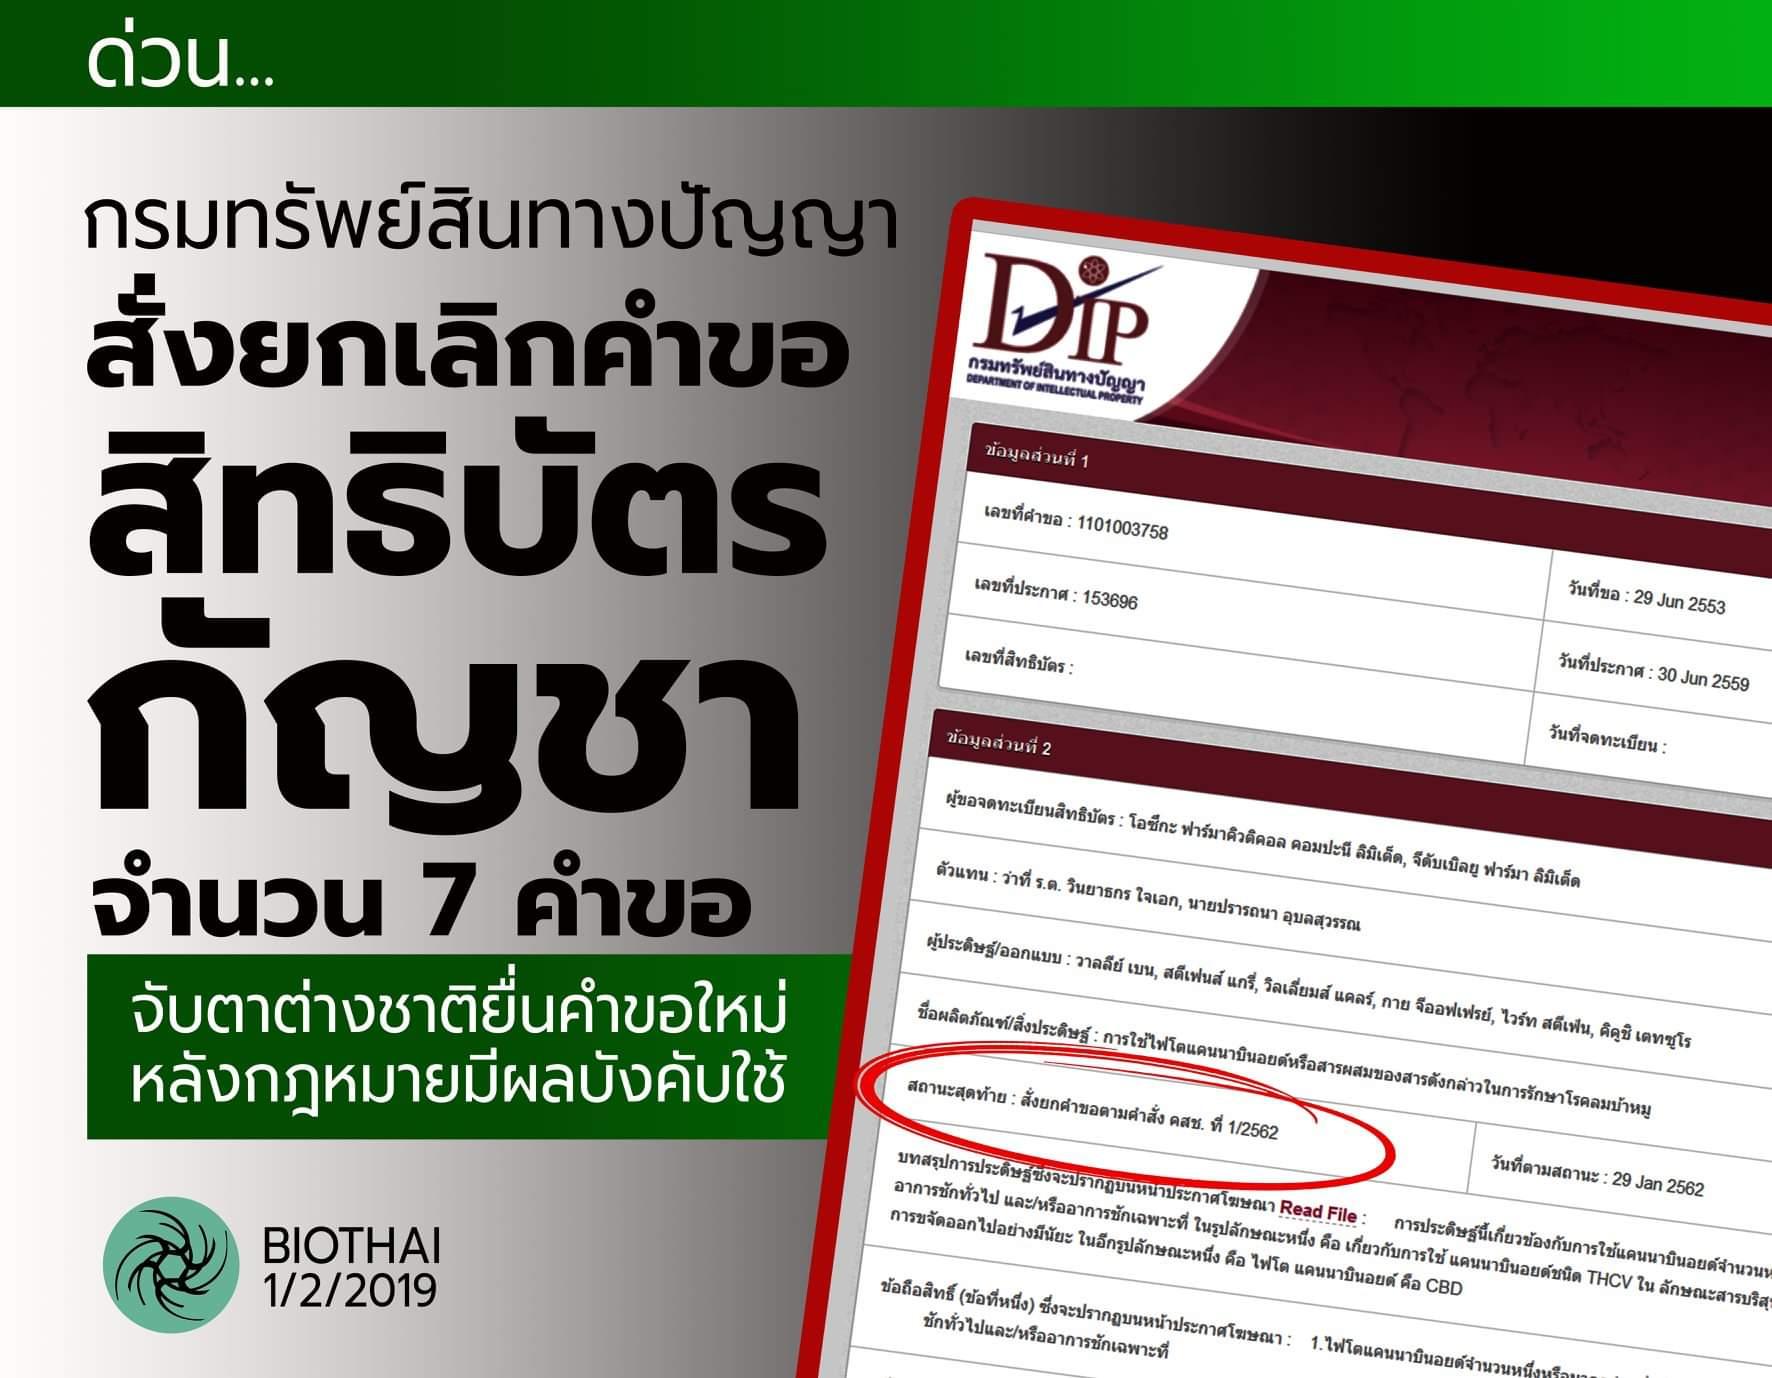 ไบโอไทย เผยกรมทรัพย์สินฯ ยกเลิกสิทธิบัตรกัญชาแล้ว 7 คำขอ จับตา 4 เรื่องสำคัญ